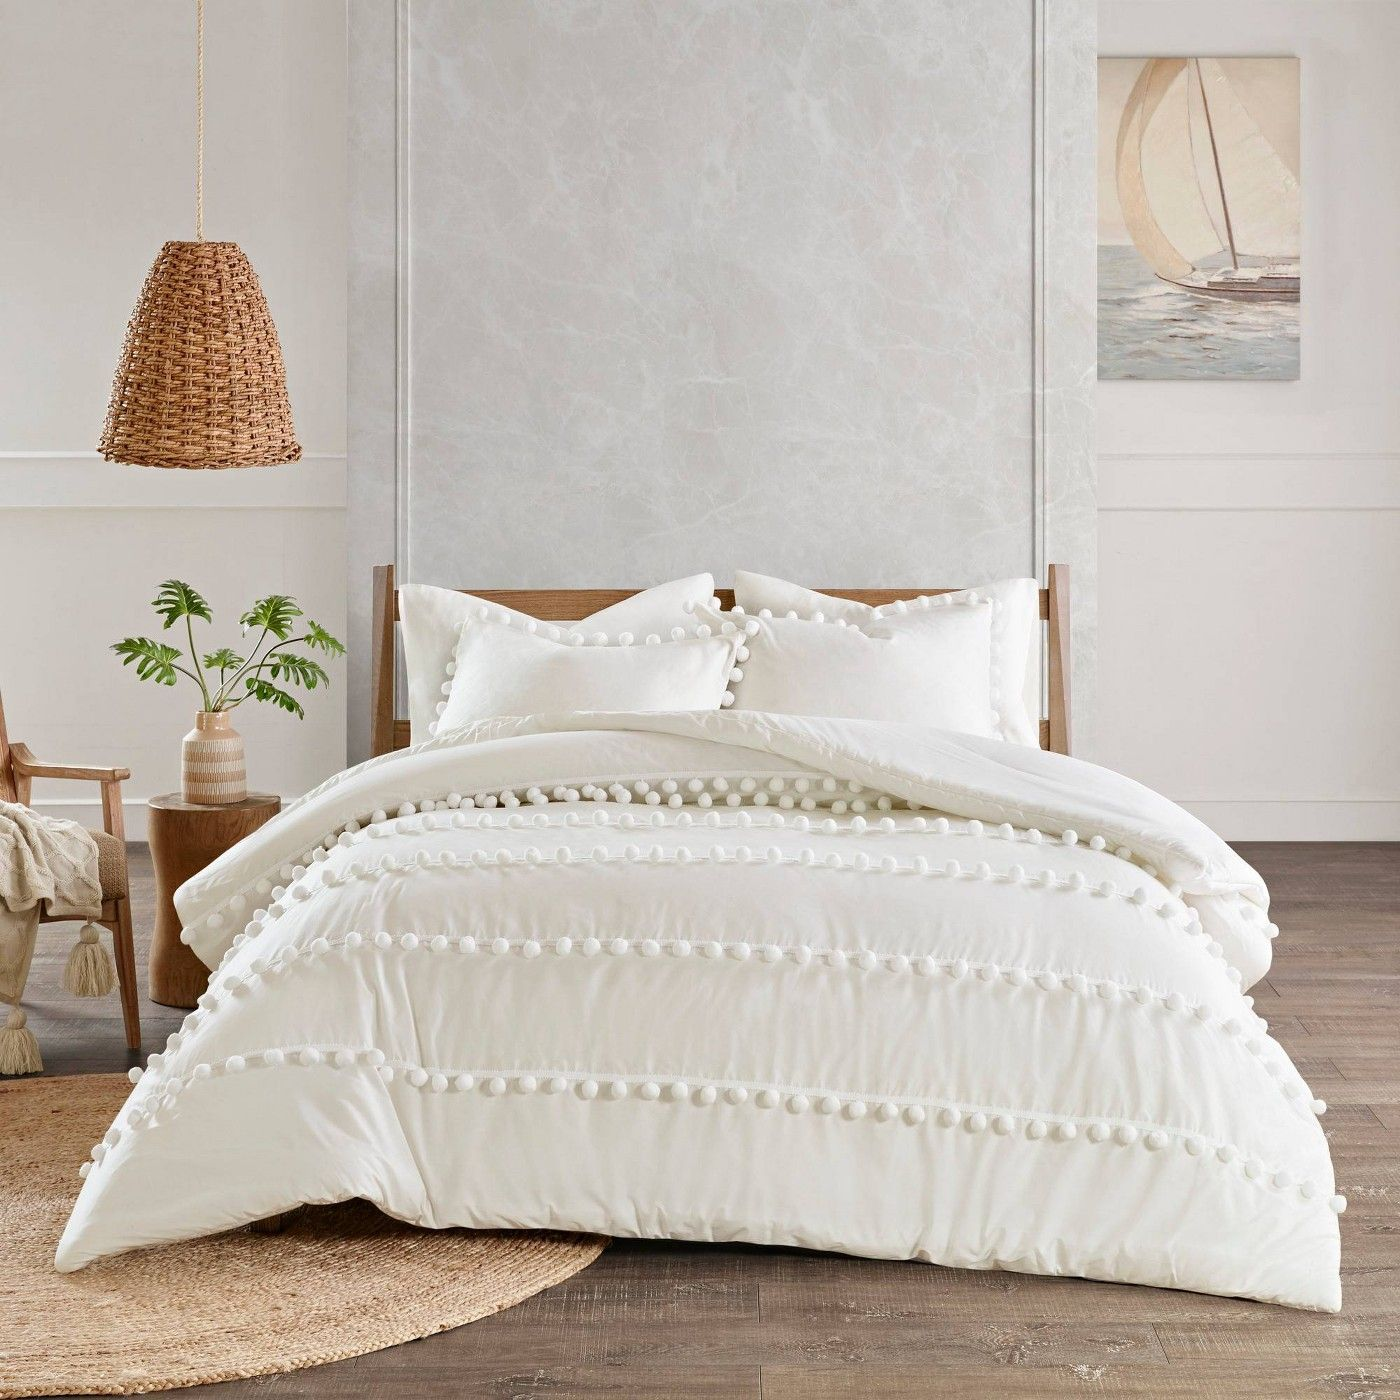 Blue Bedford Cotton Sateen Comforter Set Queen 7pc In 2021 Comforter Sets King Size Comforters Queen Size Comforter Sets